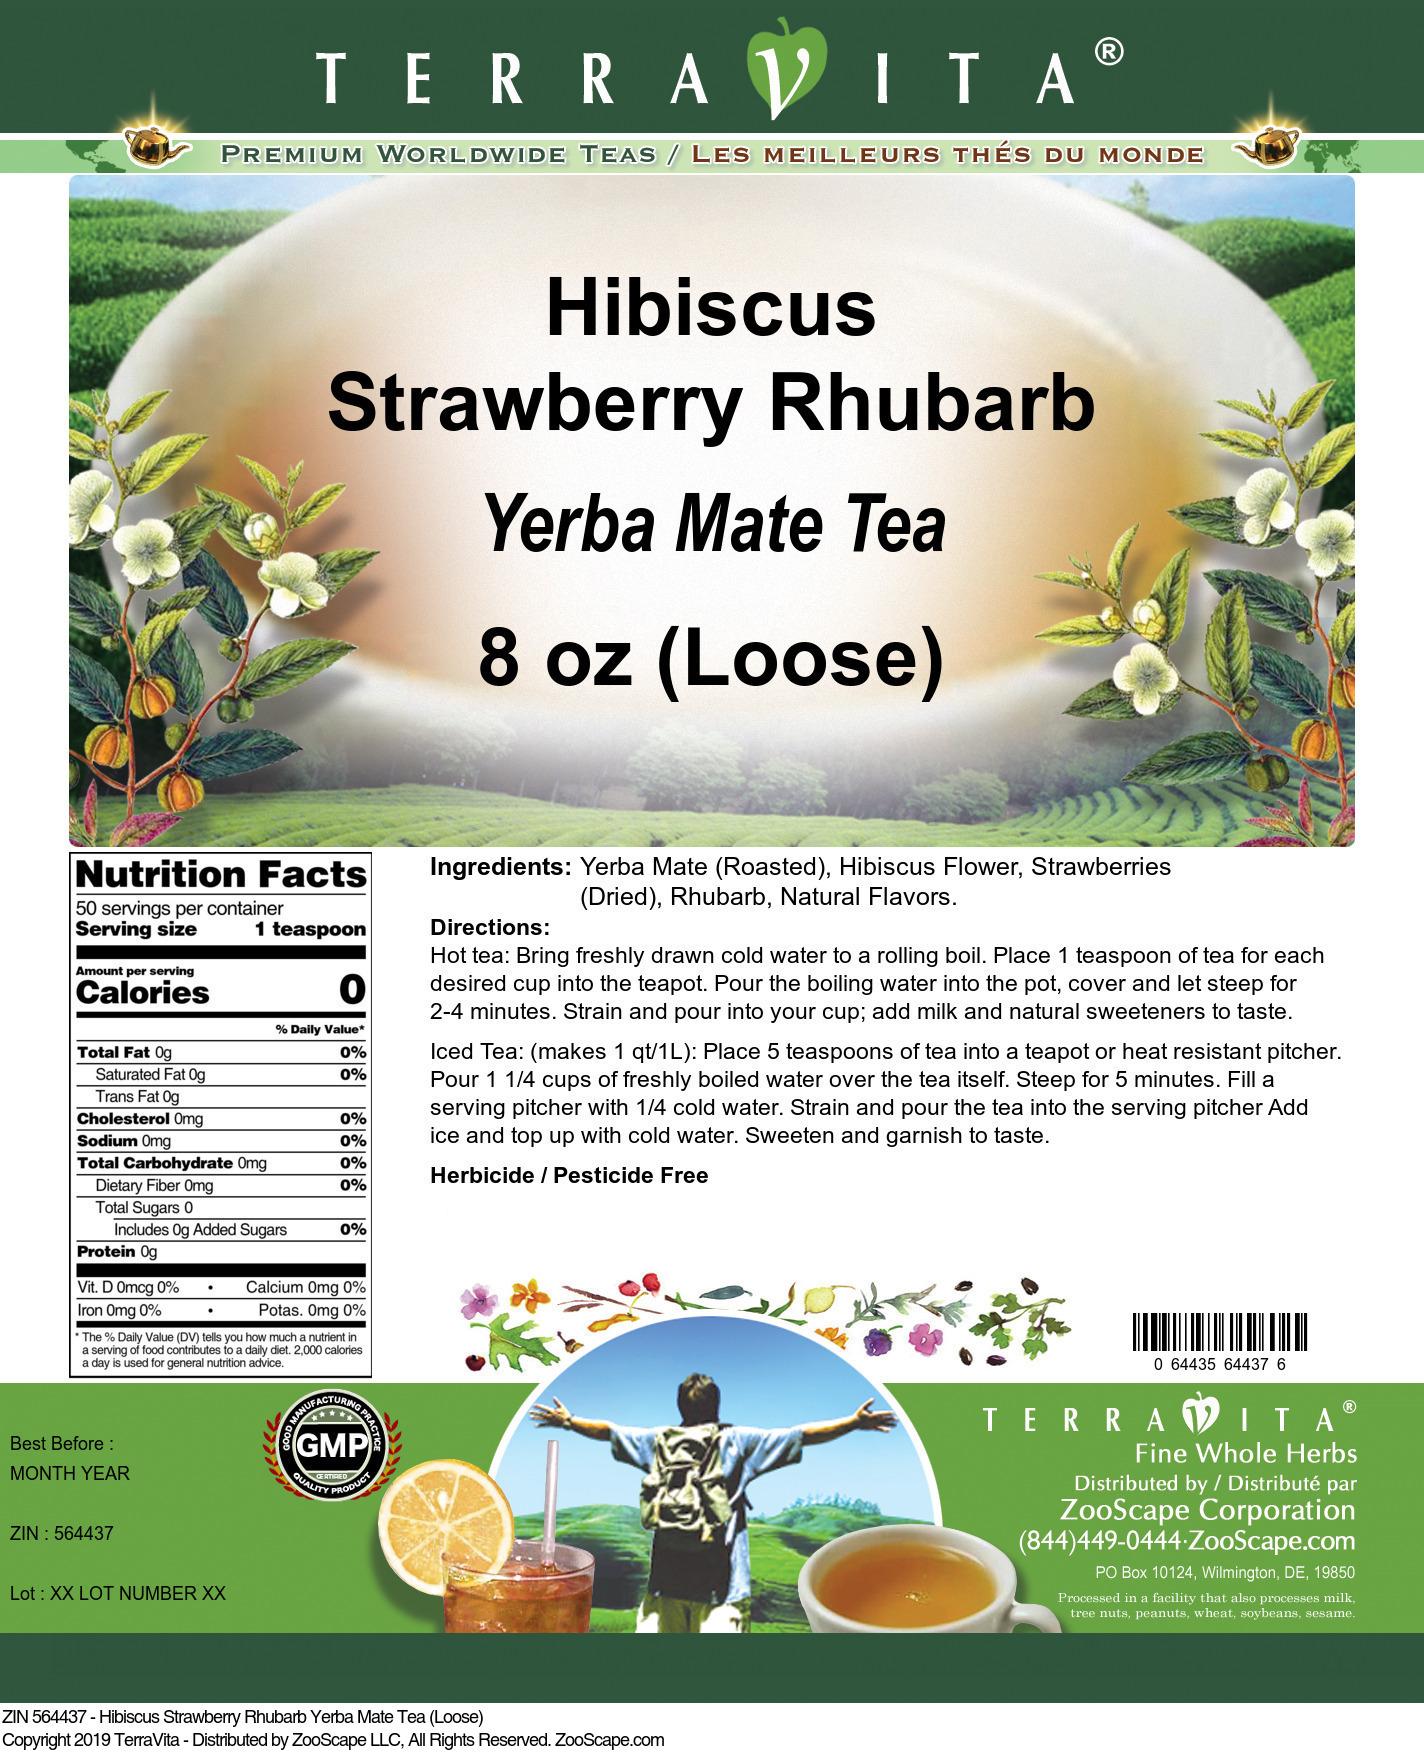 Hibiscus Strawberry Rhubarb Yerba Mate